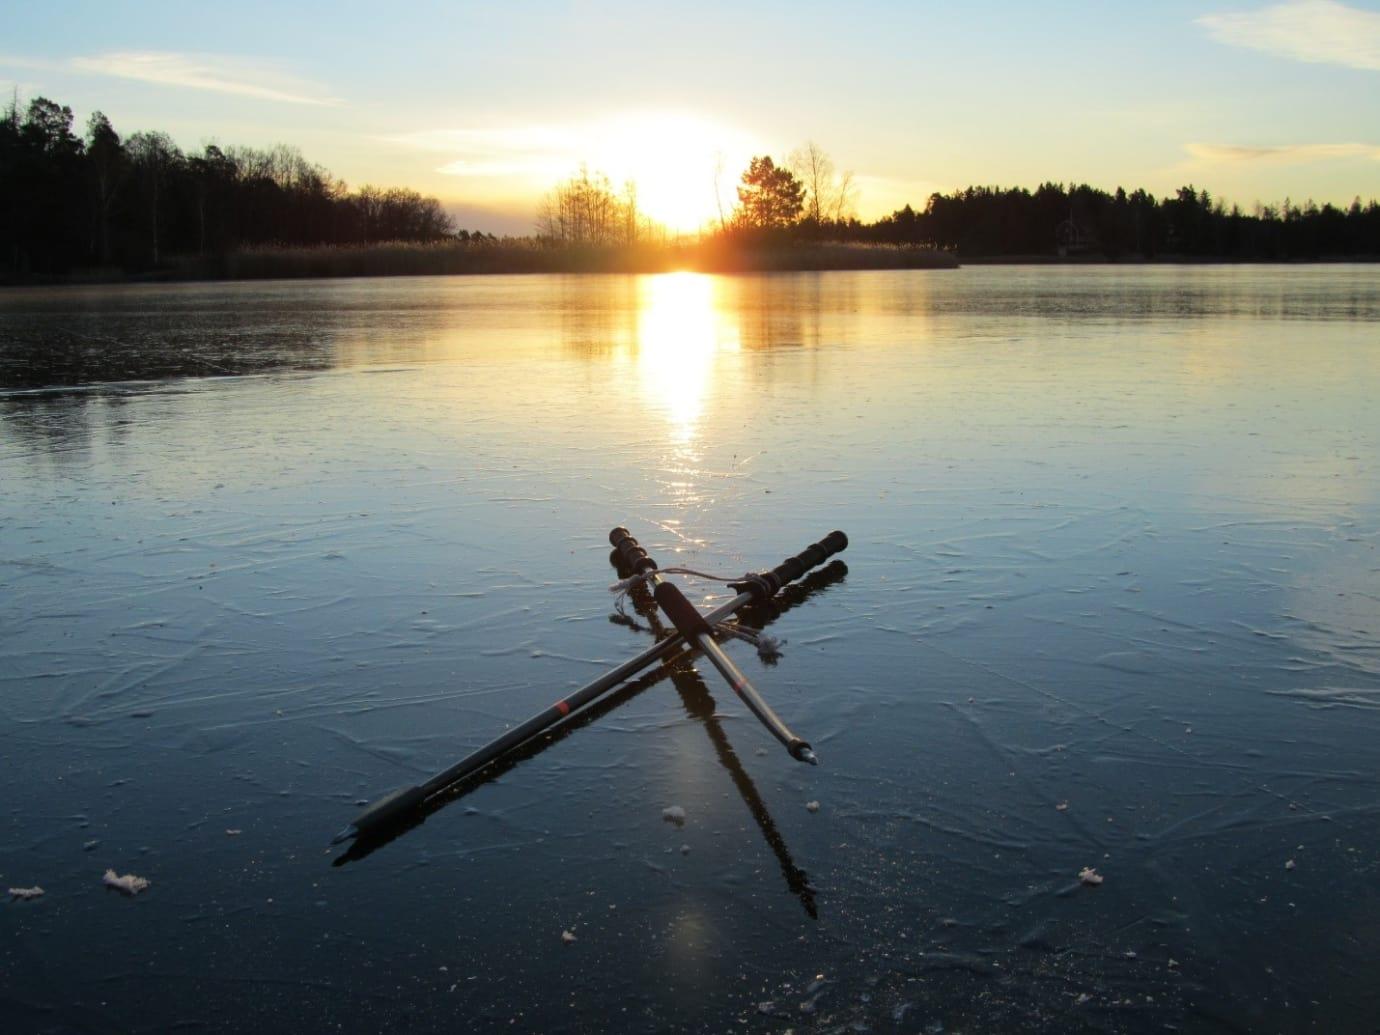 Global uppvärmning kan göra tusentals svenska sjöar isfria om vintern